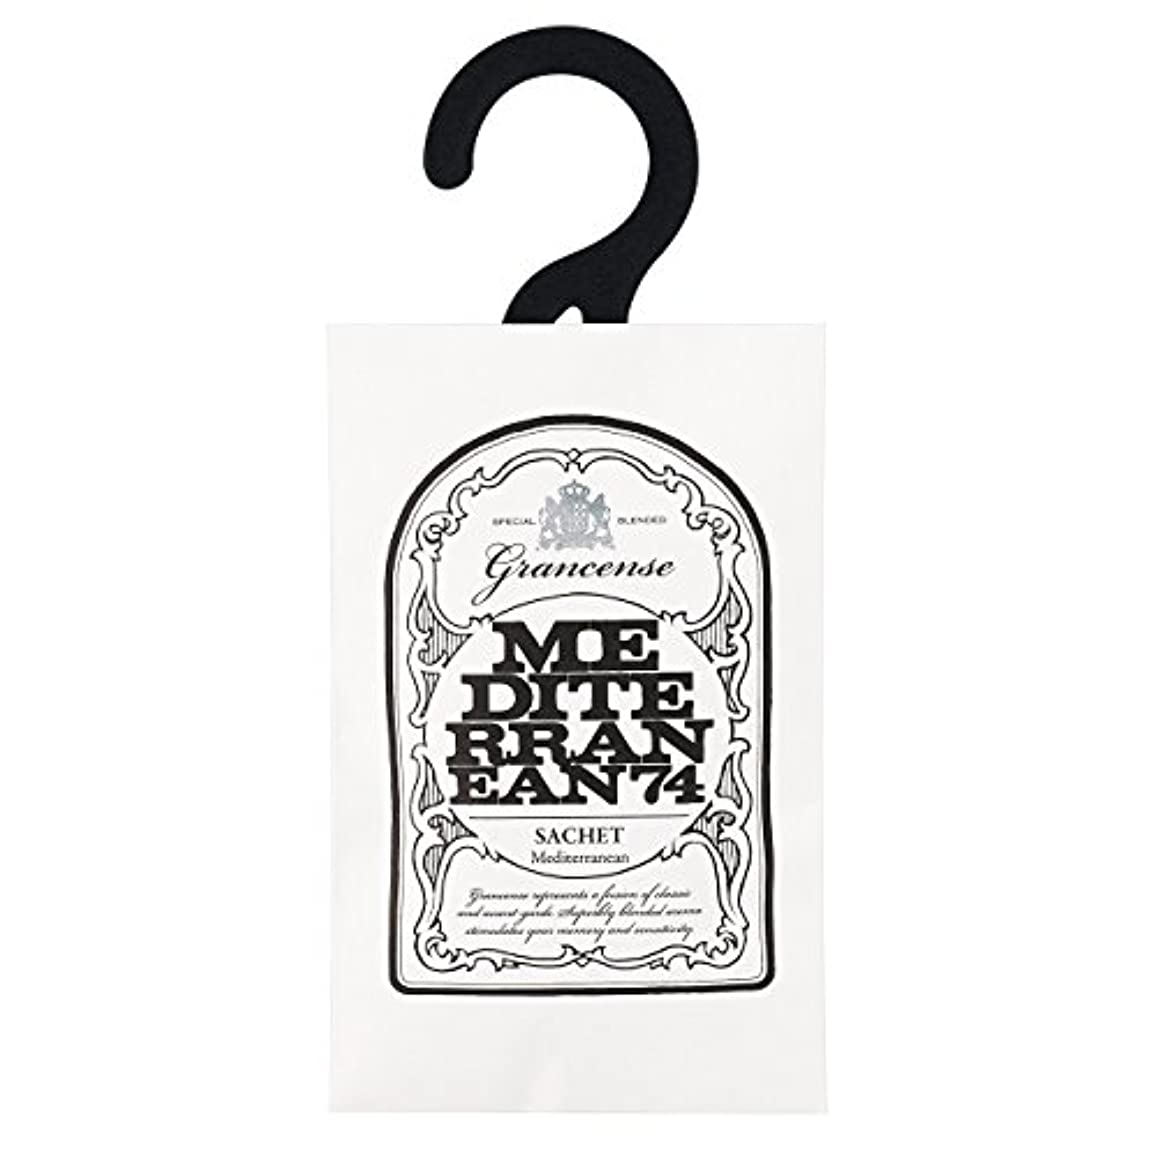 便宜批評押し下げるグランセンス サシェ(約2~4週間) メディテレーニアン 12g(芳香剤 香り袋 アロマサシェ 潮風を感じさせてくれるアクアティック?フローラルの香り)